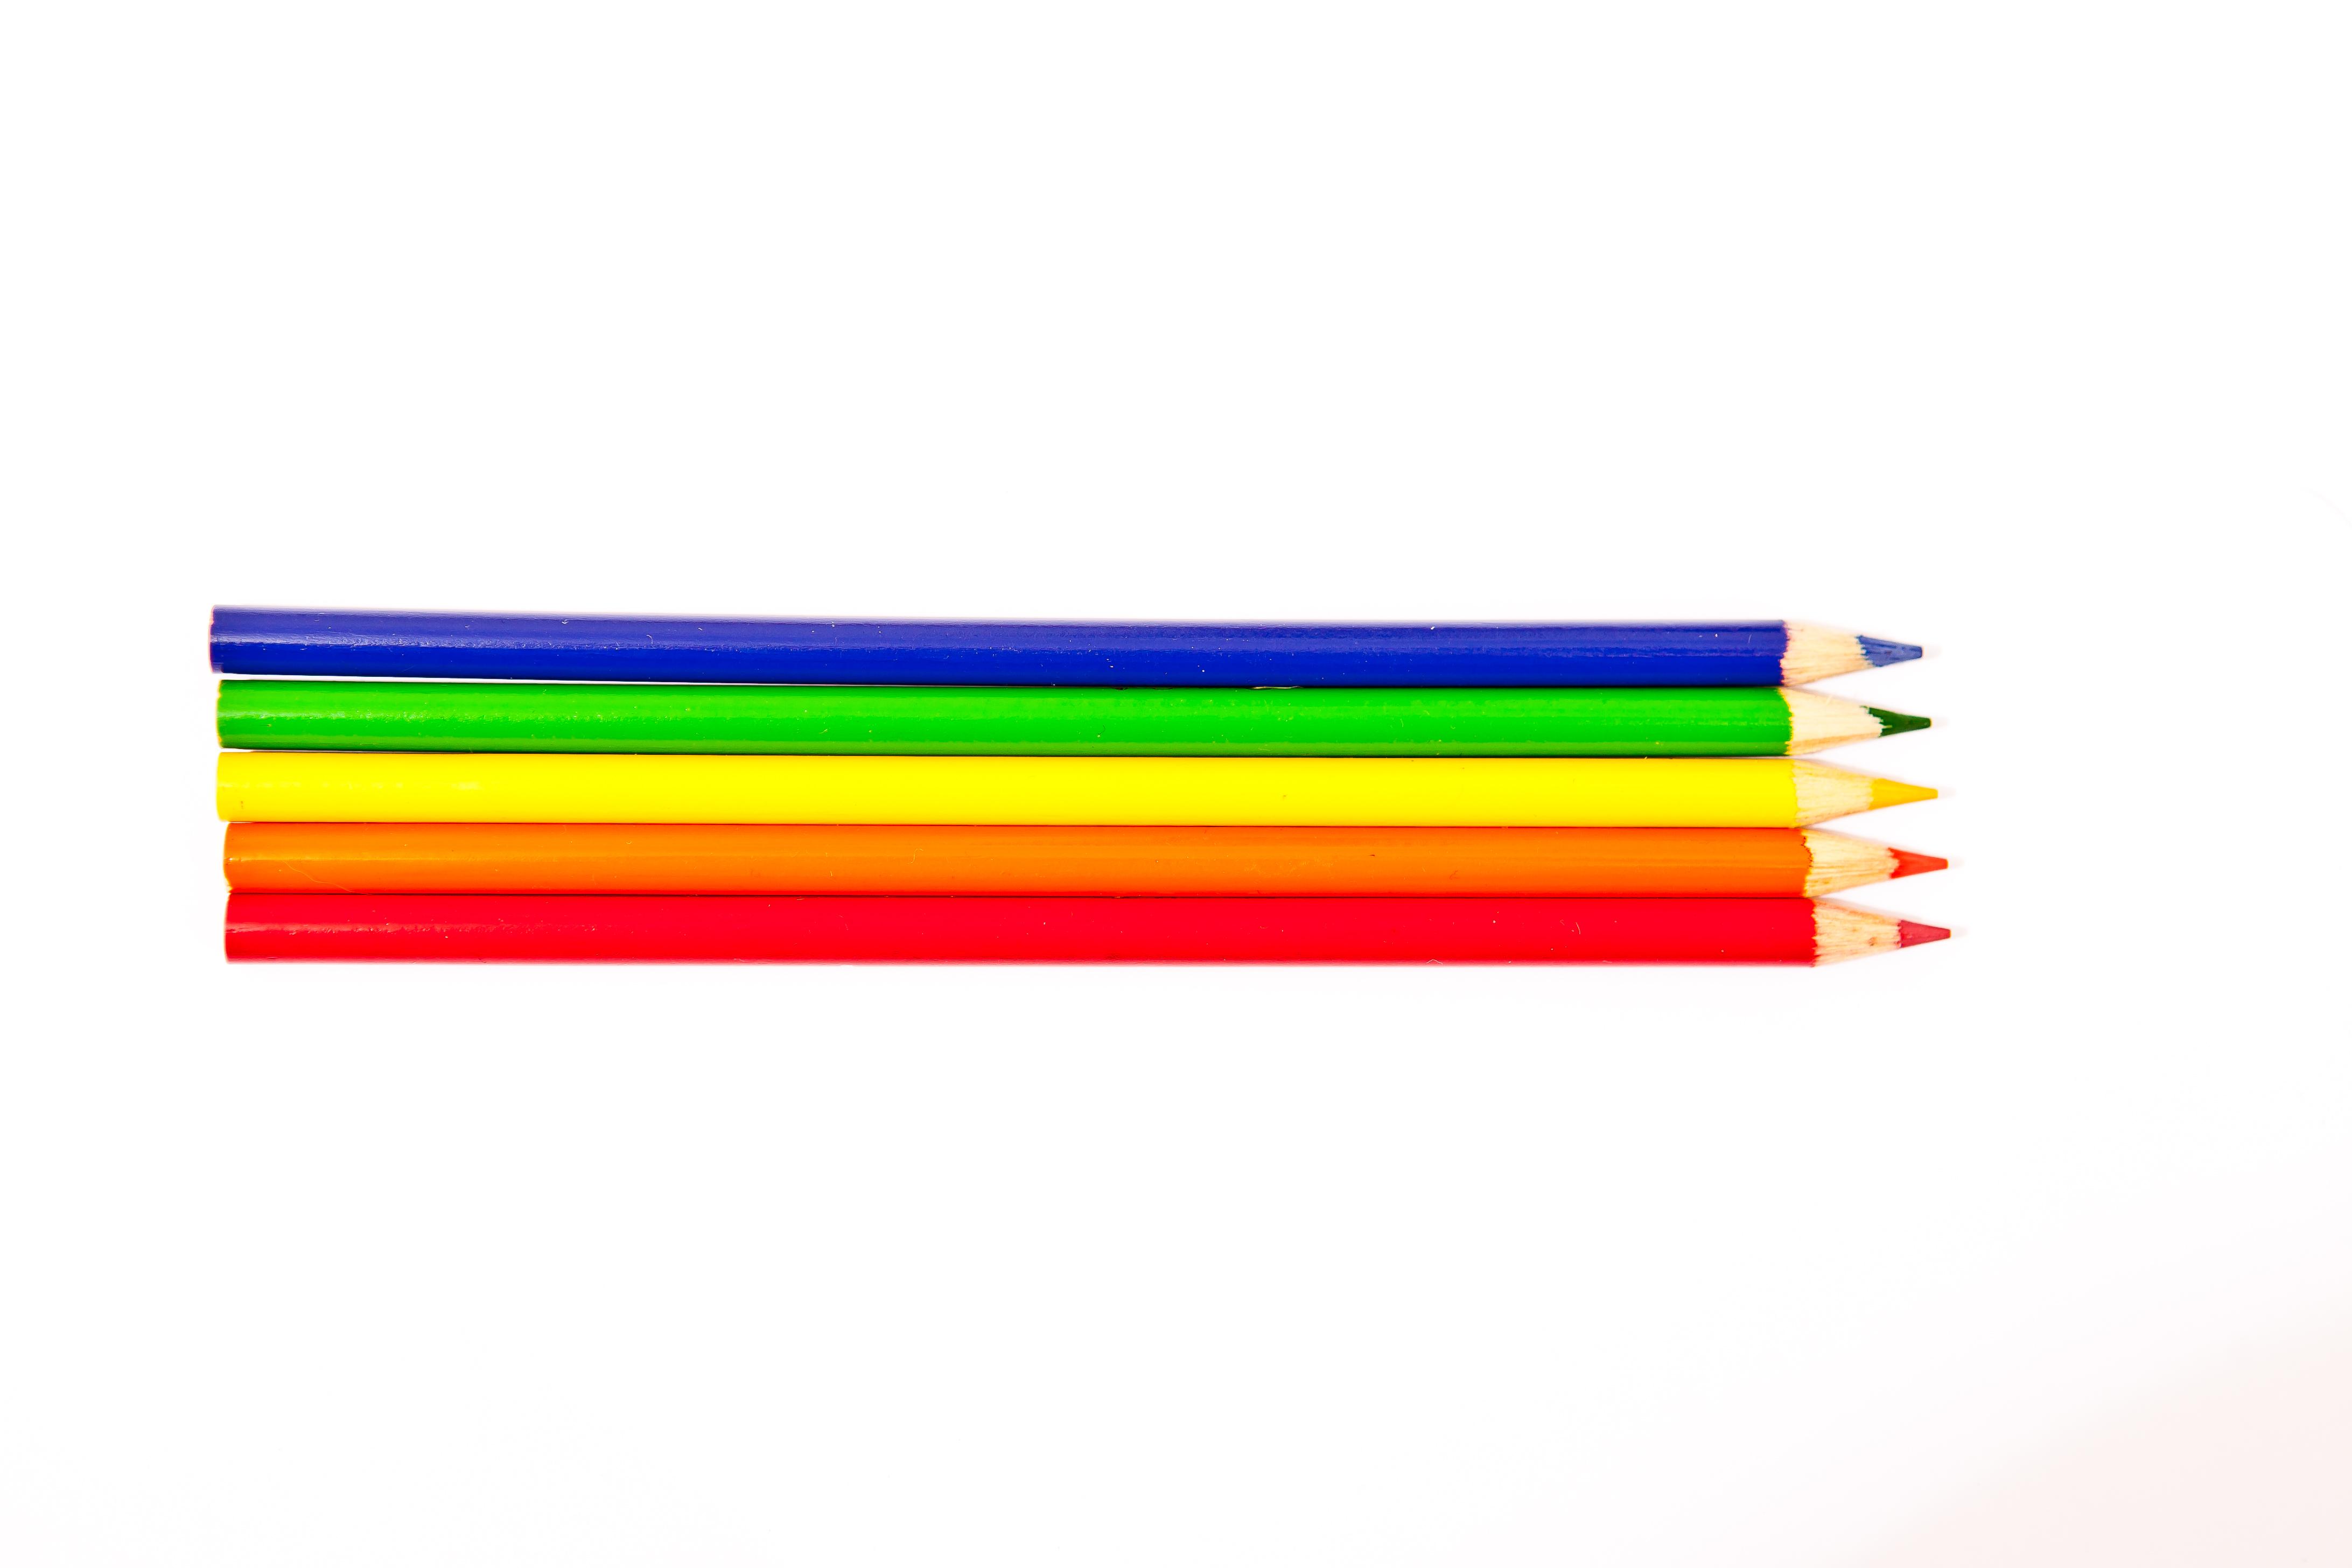 colored pencils photo by joe mazza / brave lux